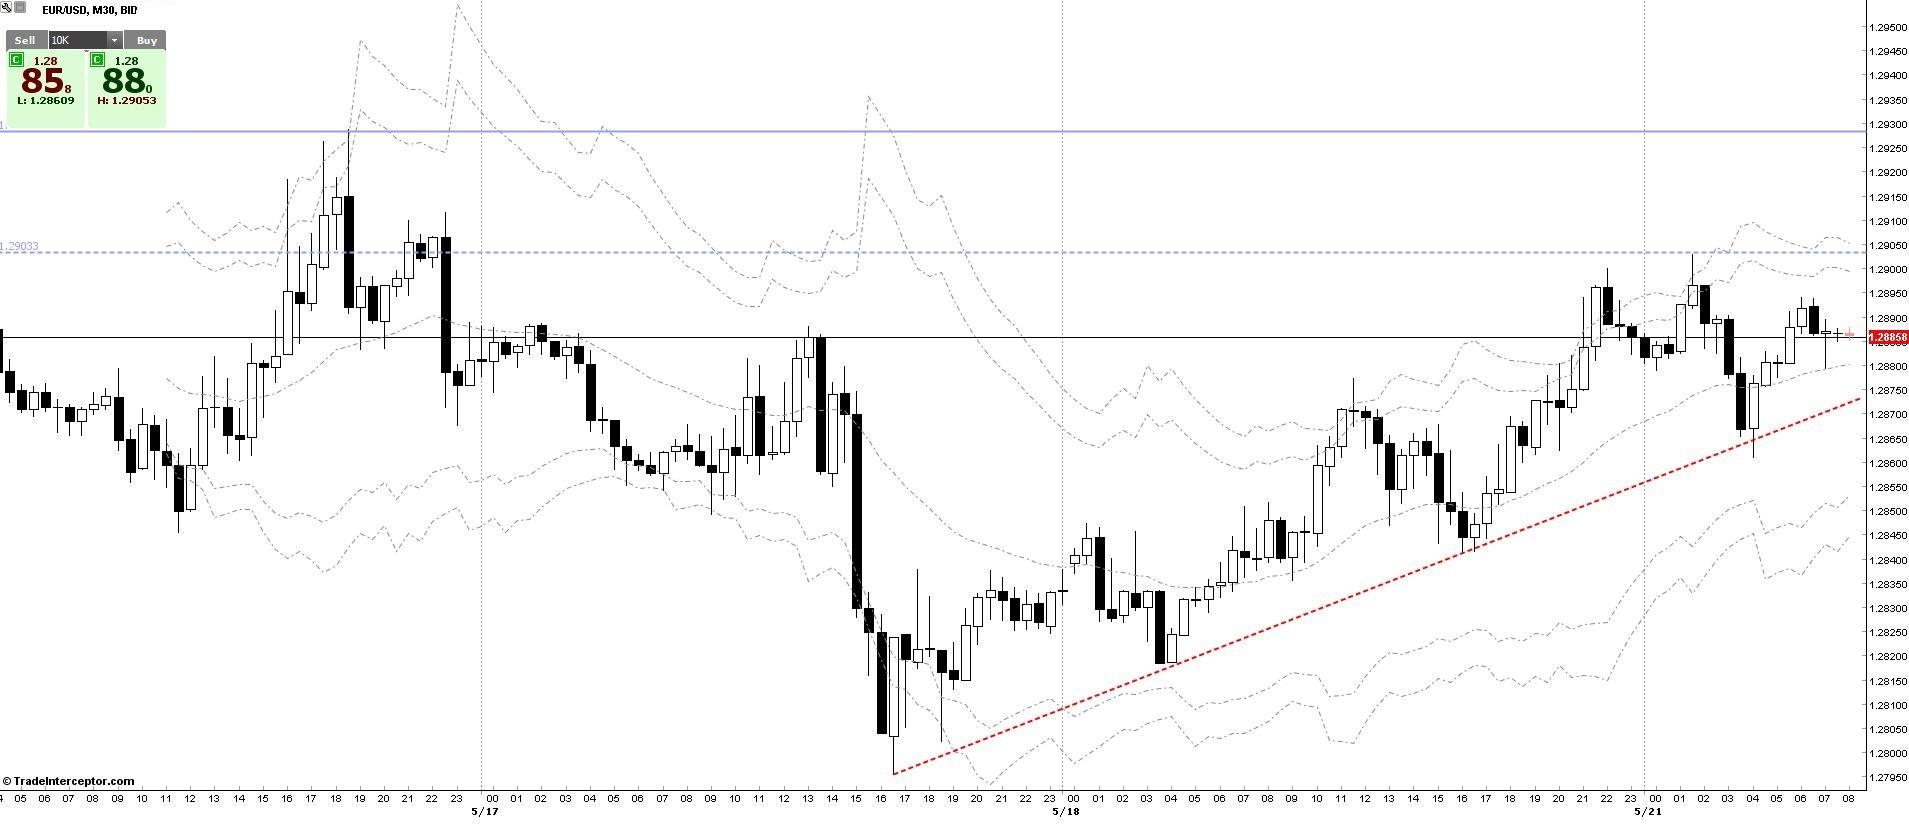 EURUSD Chart 21/05/2013